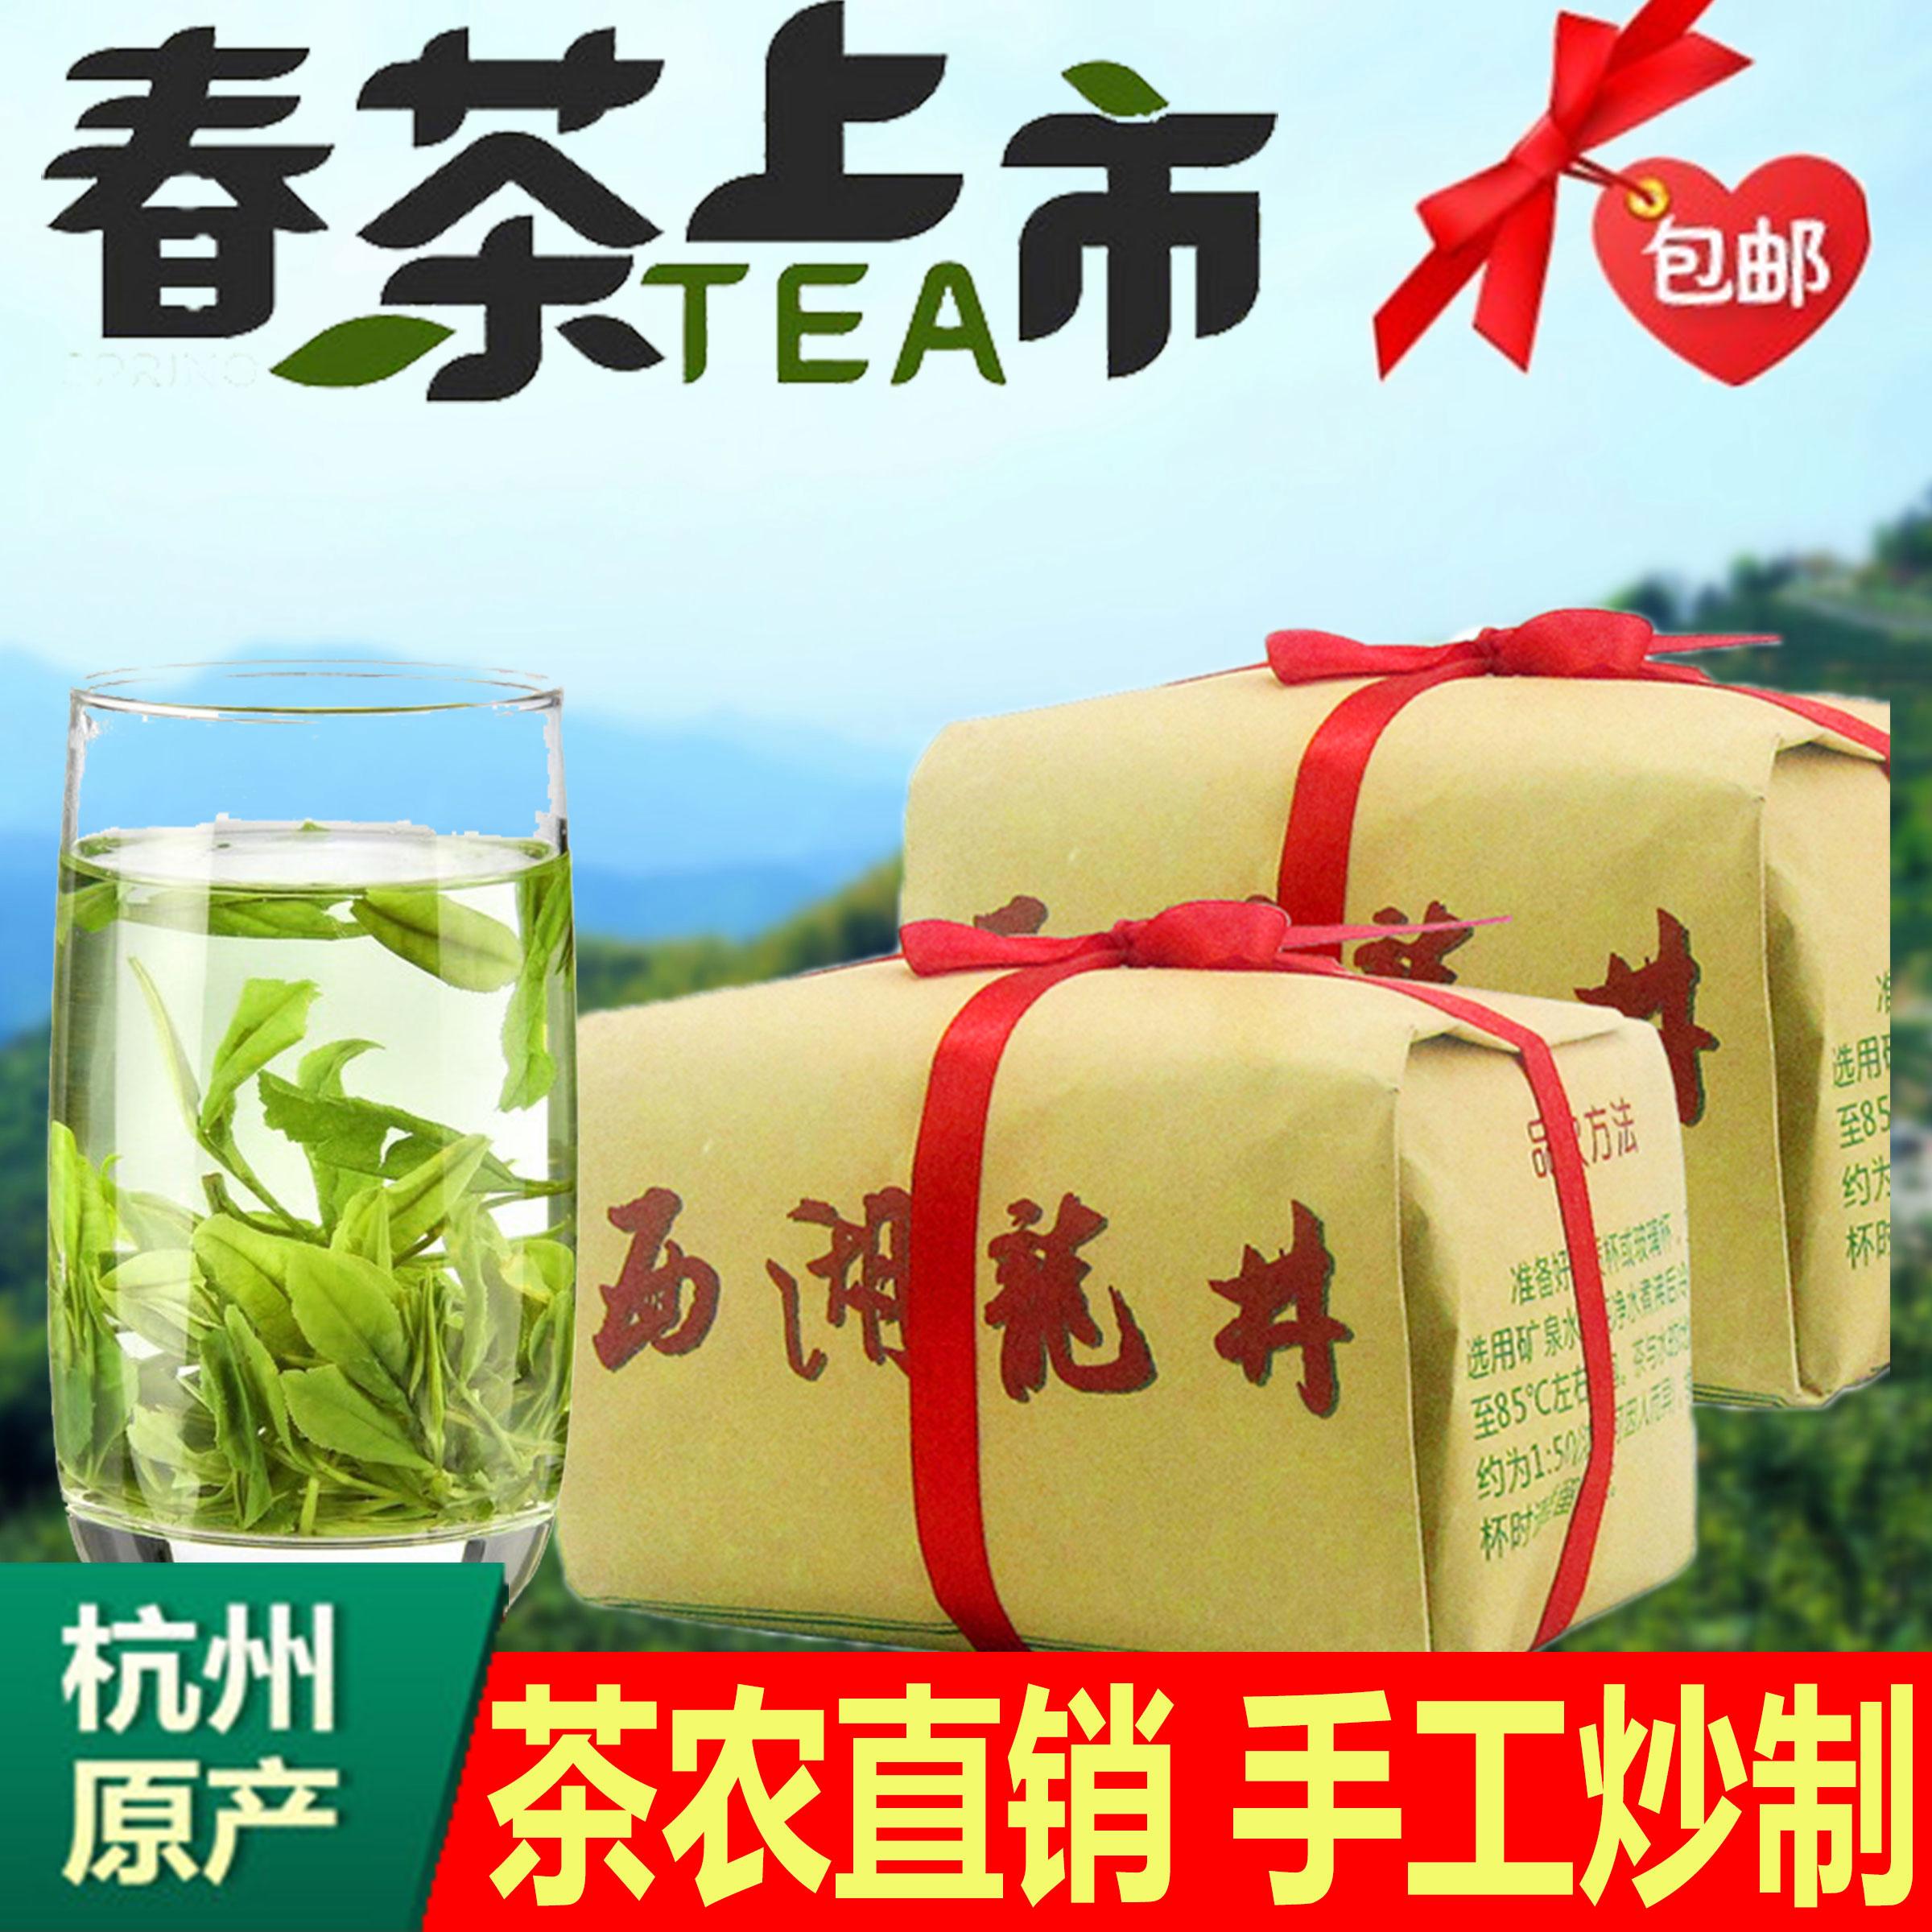 2018新茶 茶农直销明前茶叶正宗西湖龙井茶500g 散装春茶龙井绿茶